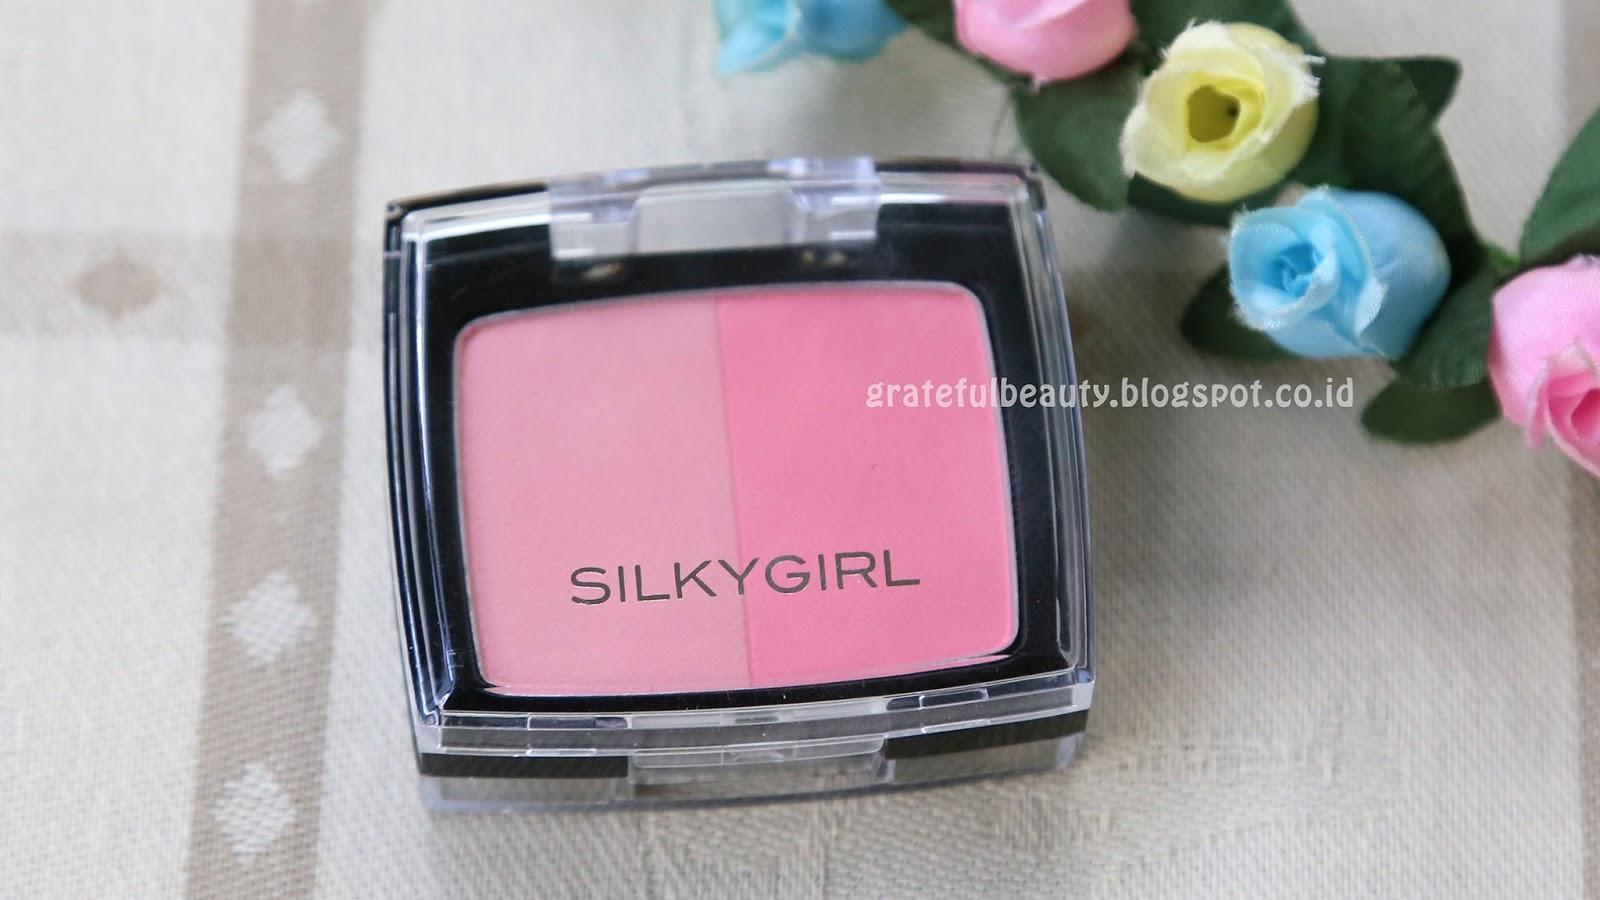 Silkygirl Shimmer Duo Blusher 02 Blushing Pink Daftar Harga Nez Color Contour Plus Amaranth Makeup Review